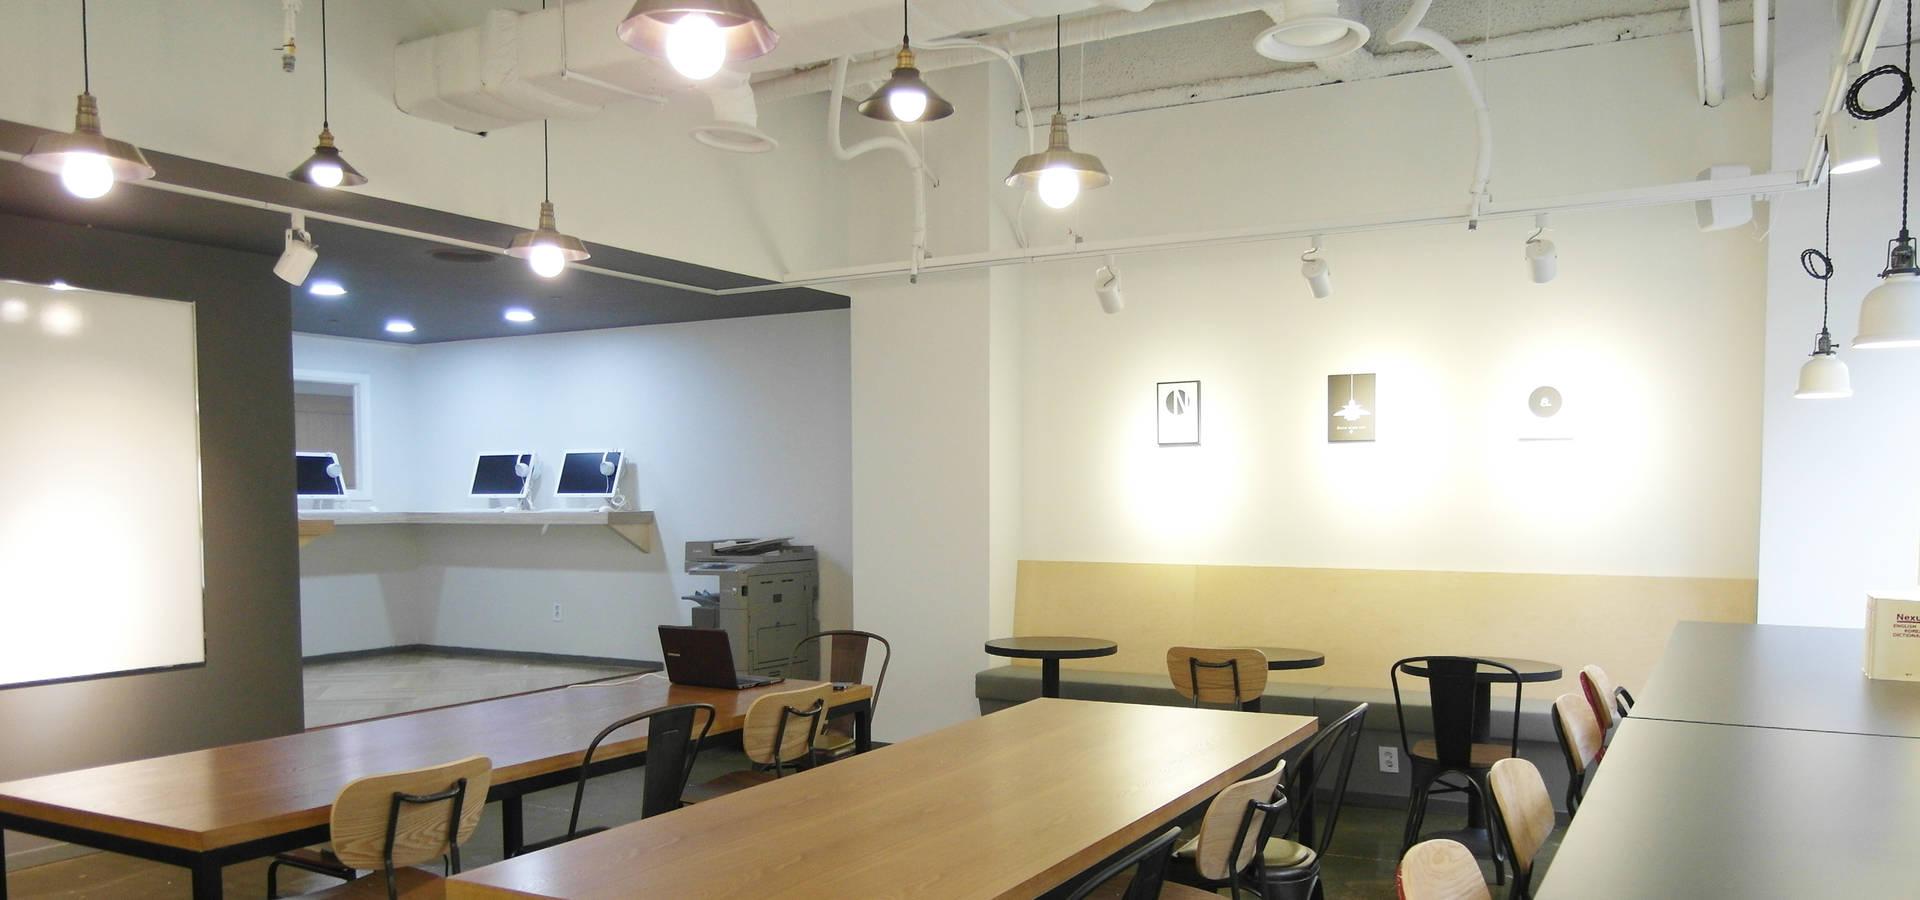 6point studio